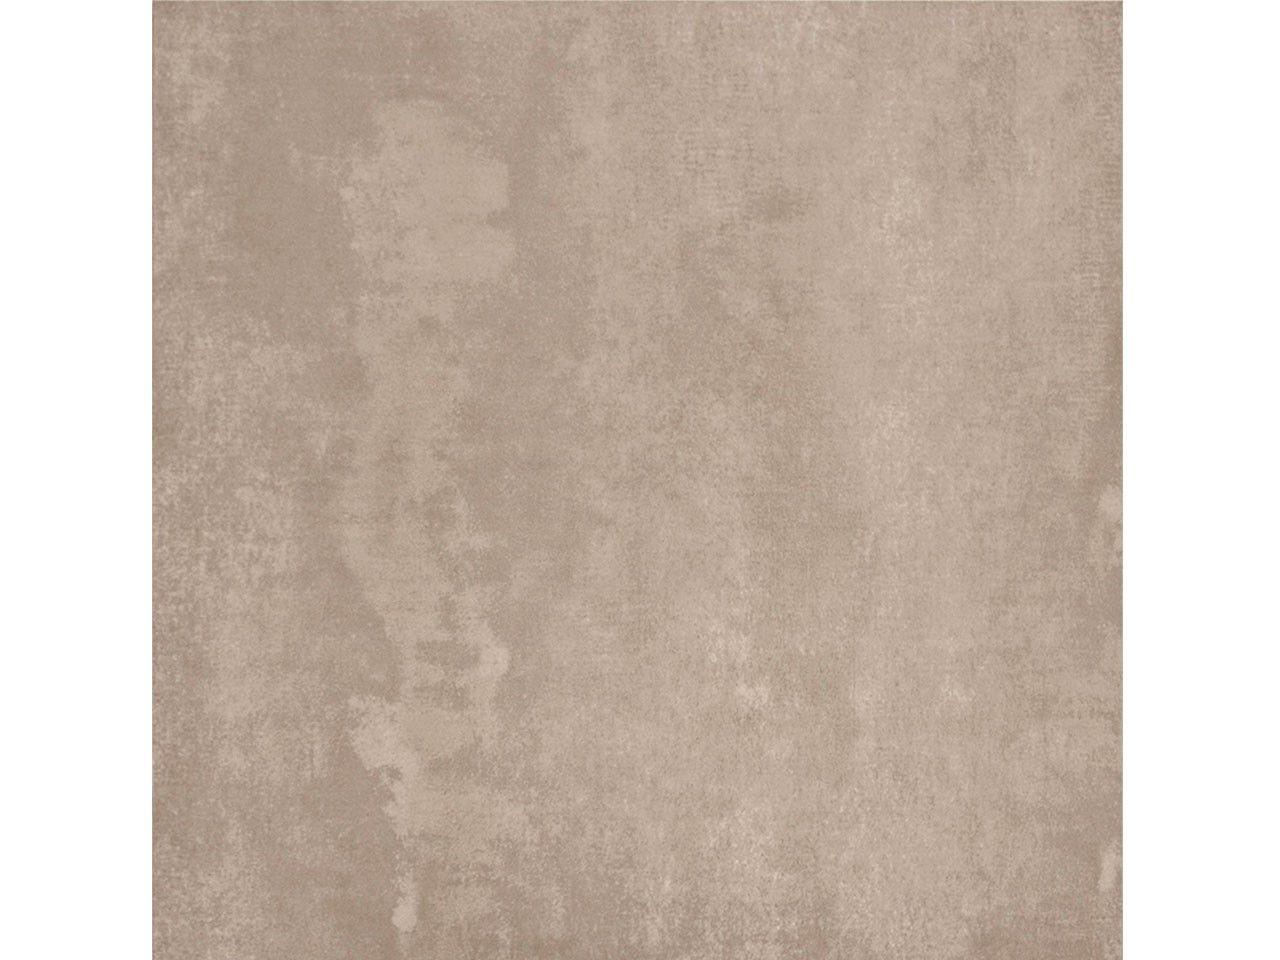 Gres porcellanato made in italy effetto cemento tortora serie